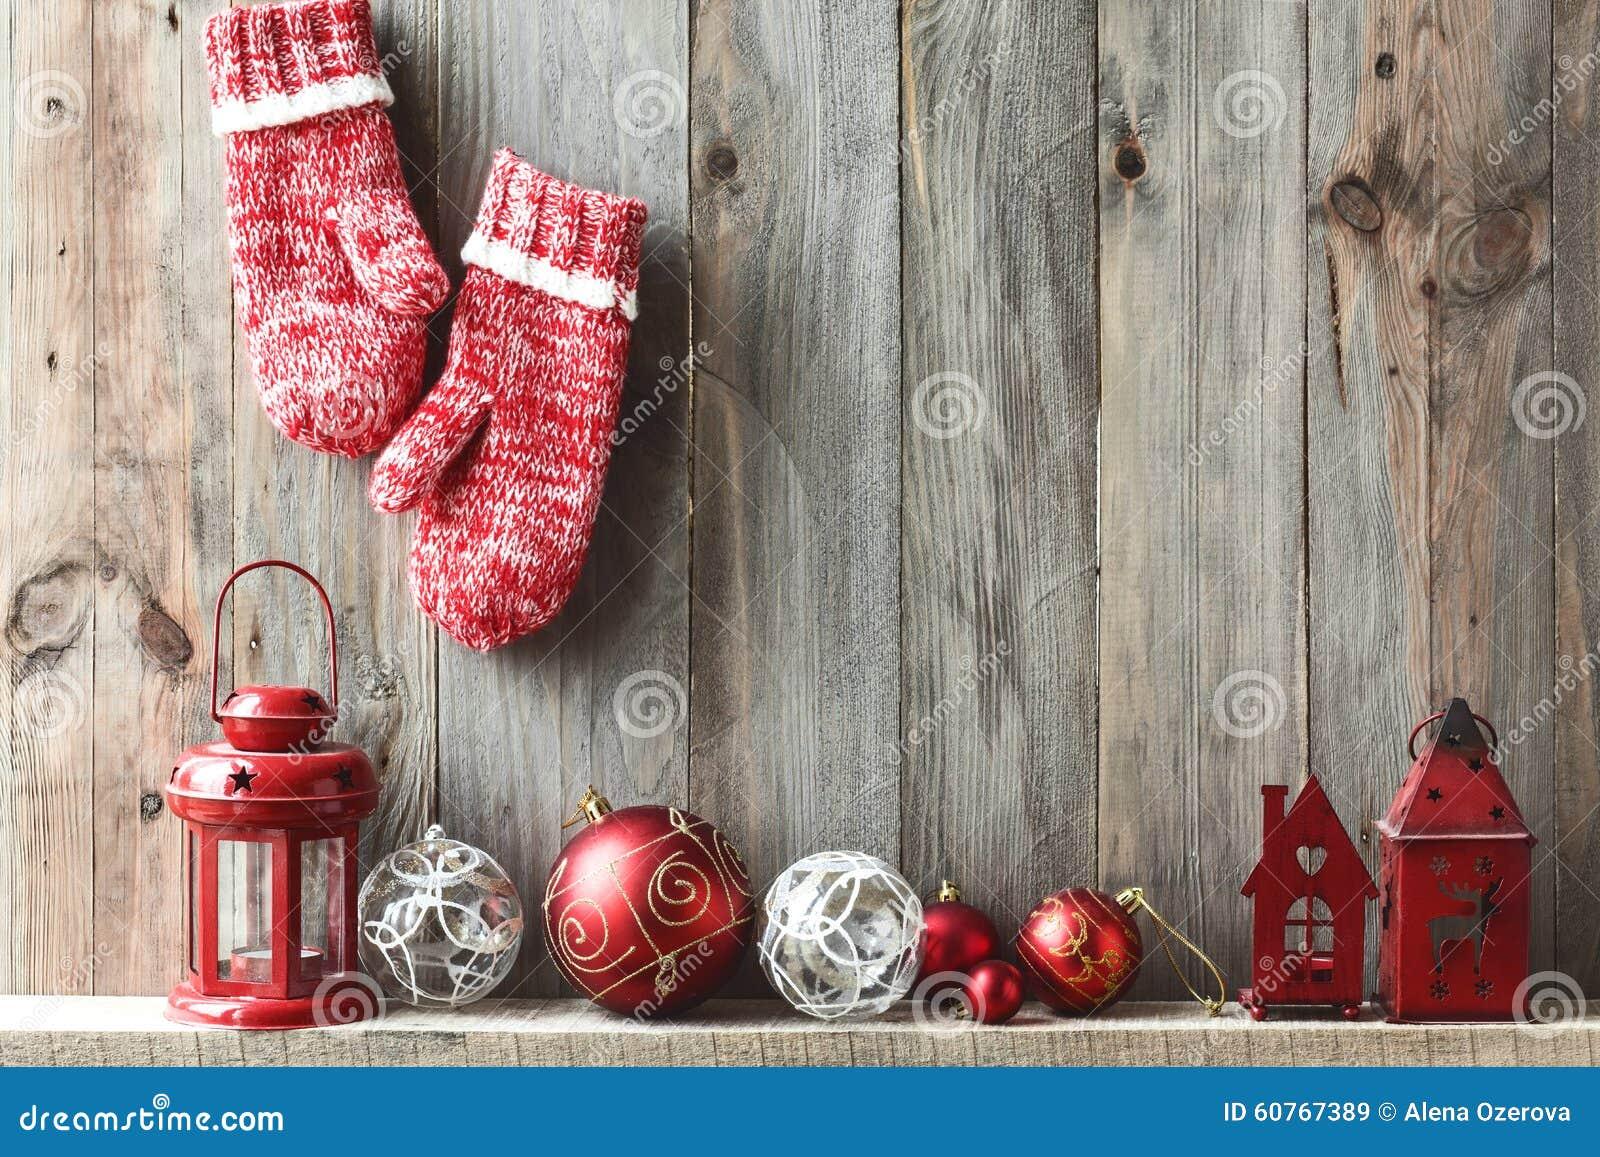 Christmas Home Decor Stock Photo Image 60767389